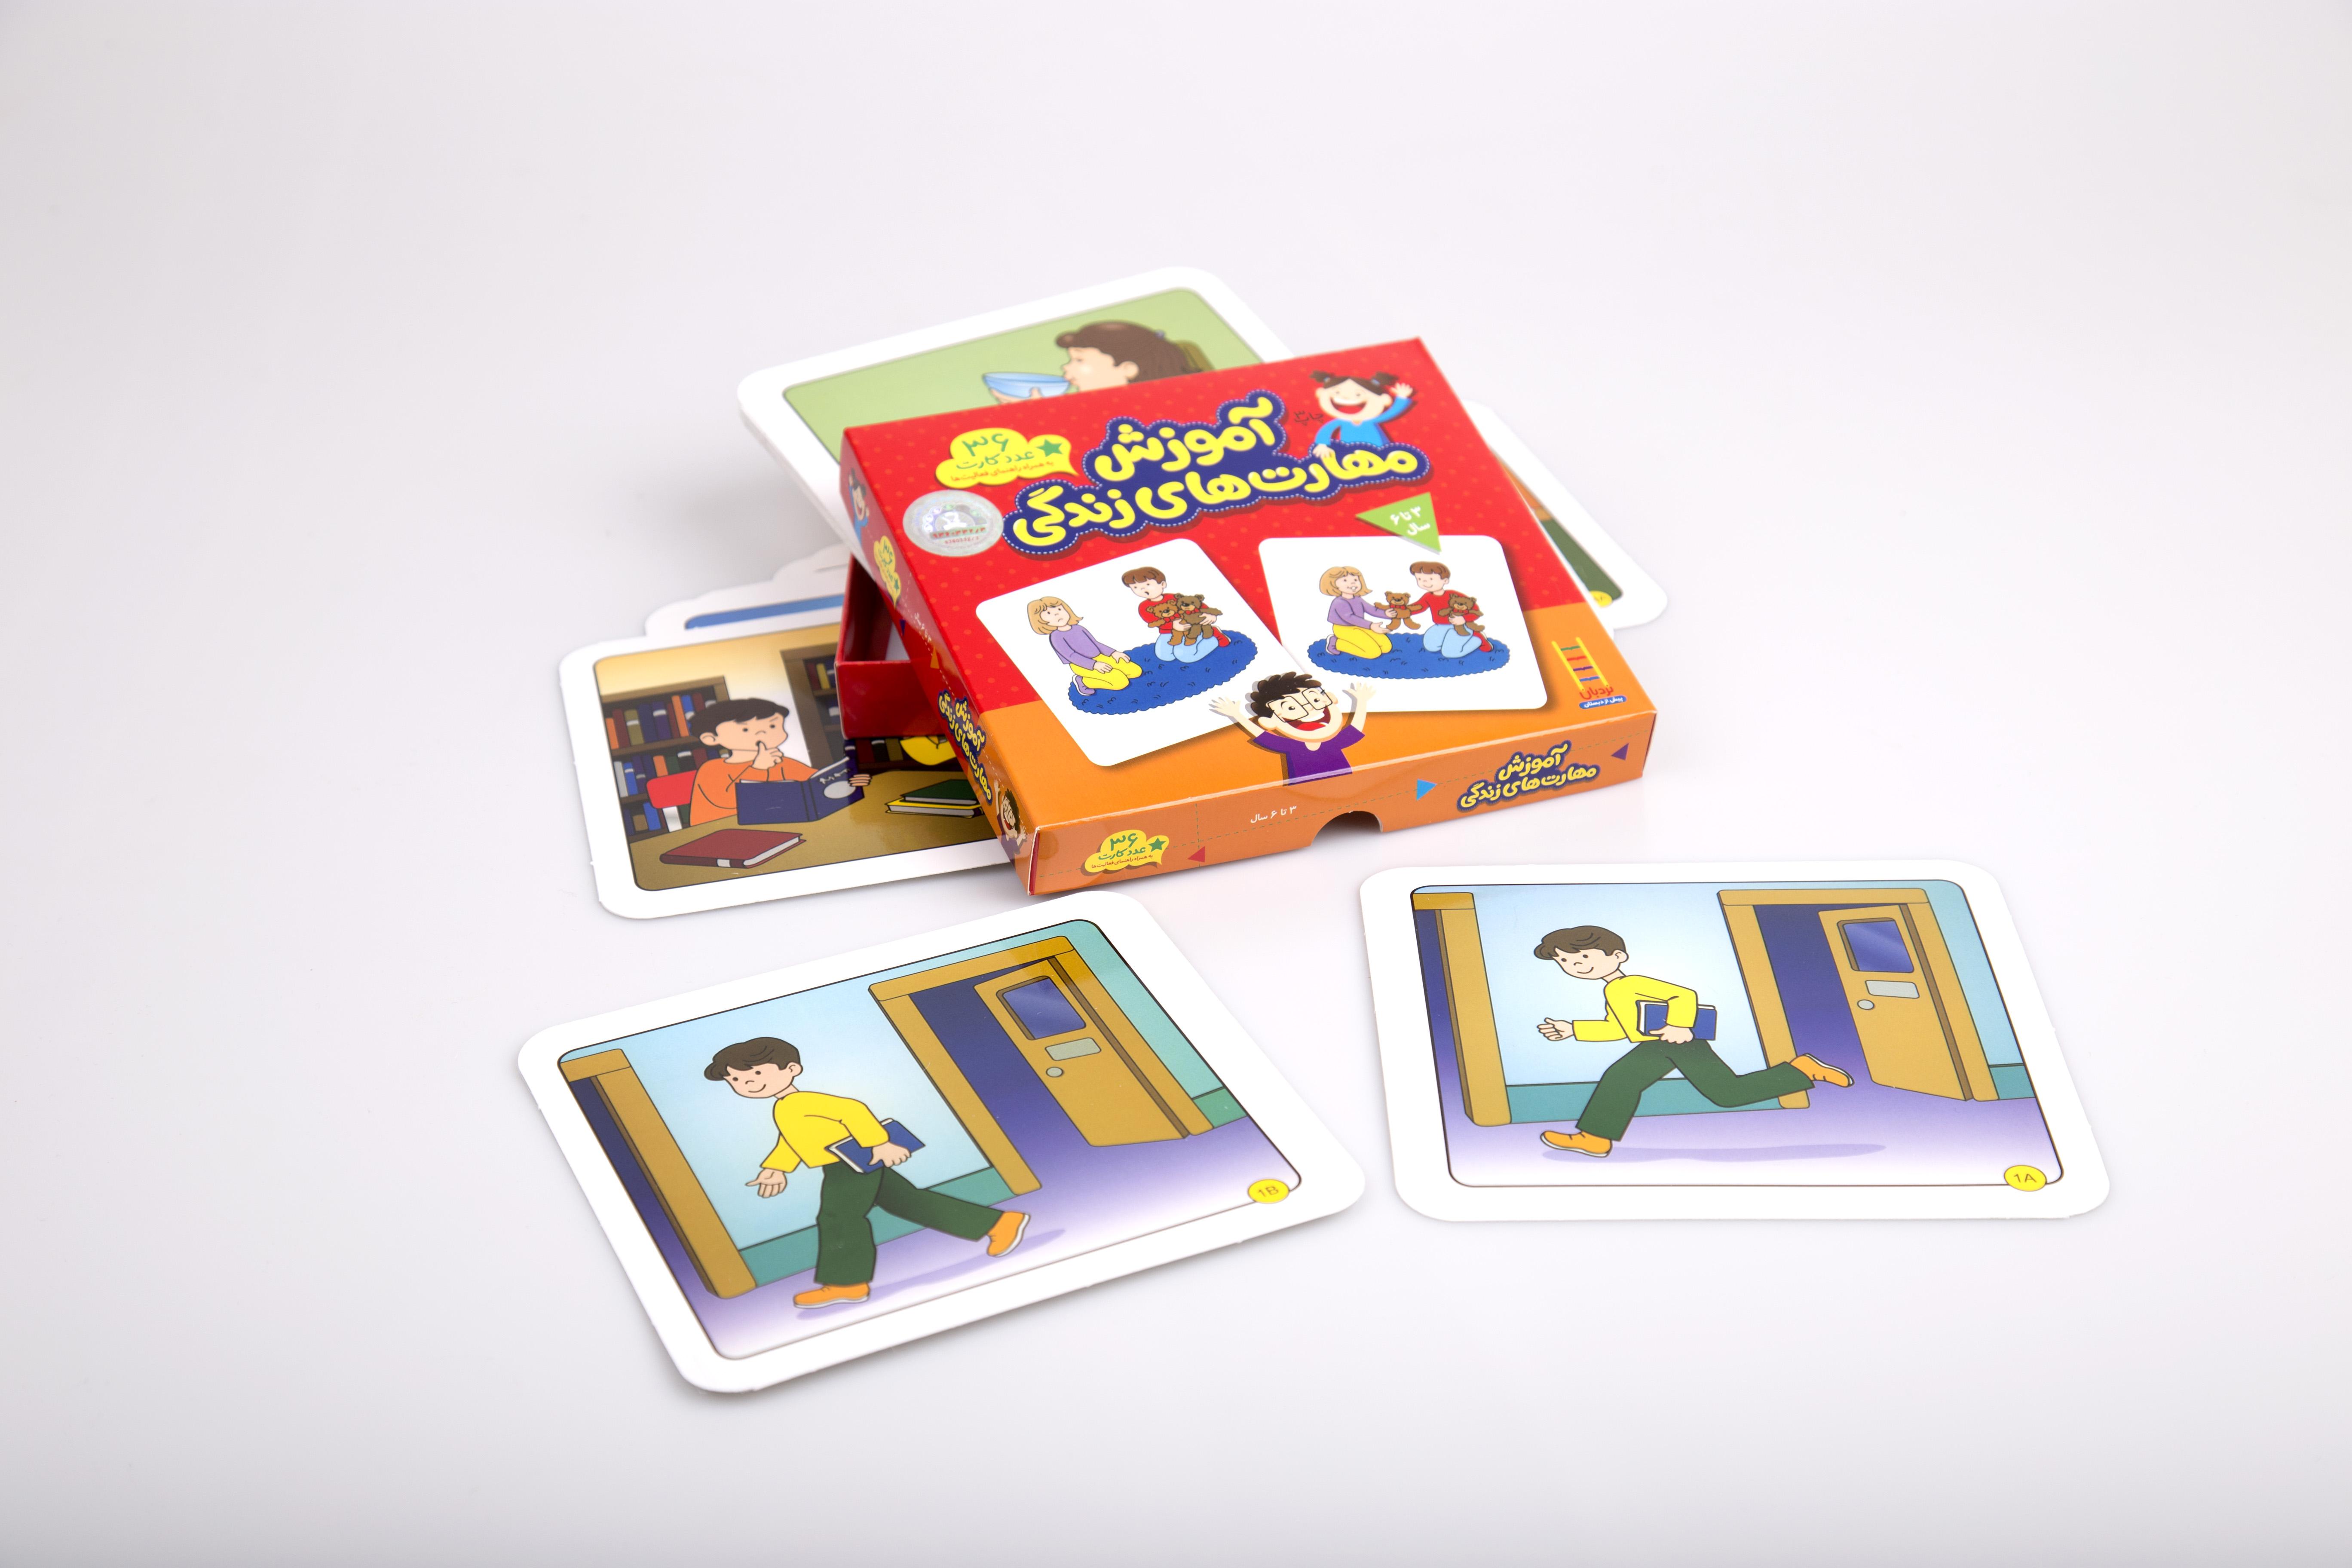 آموزش مهارتهای زندگی (کارتهای زبانآموزی)